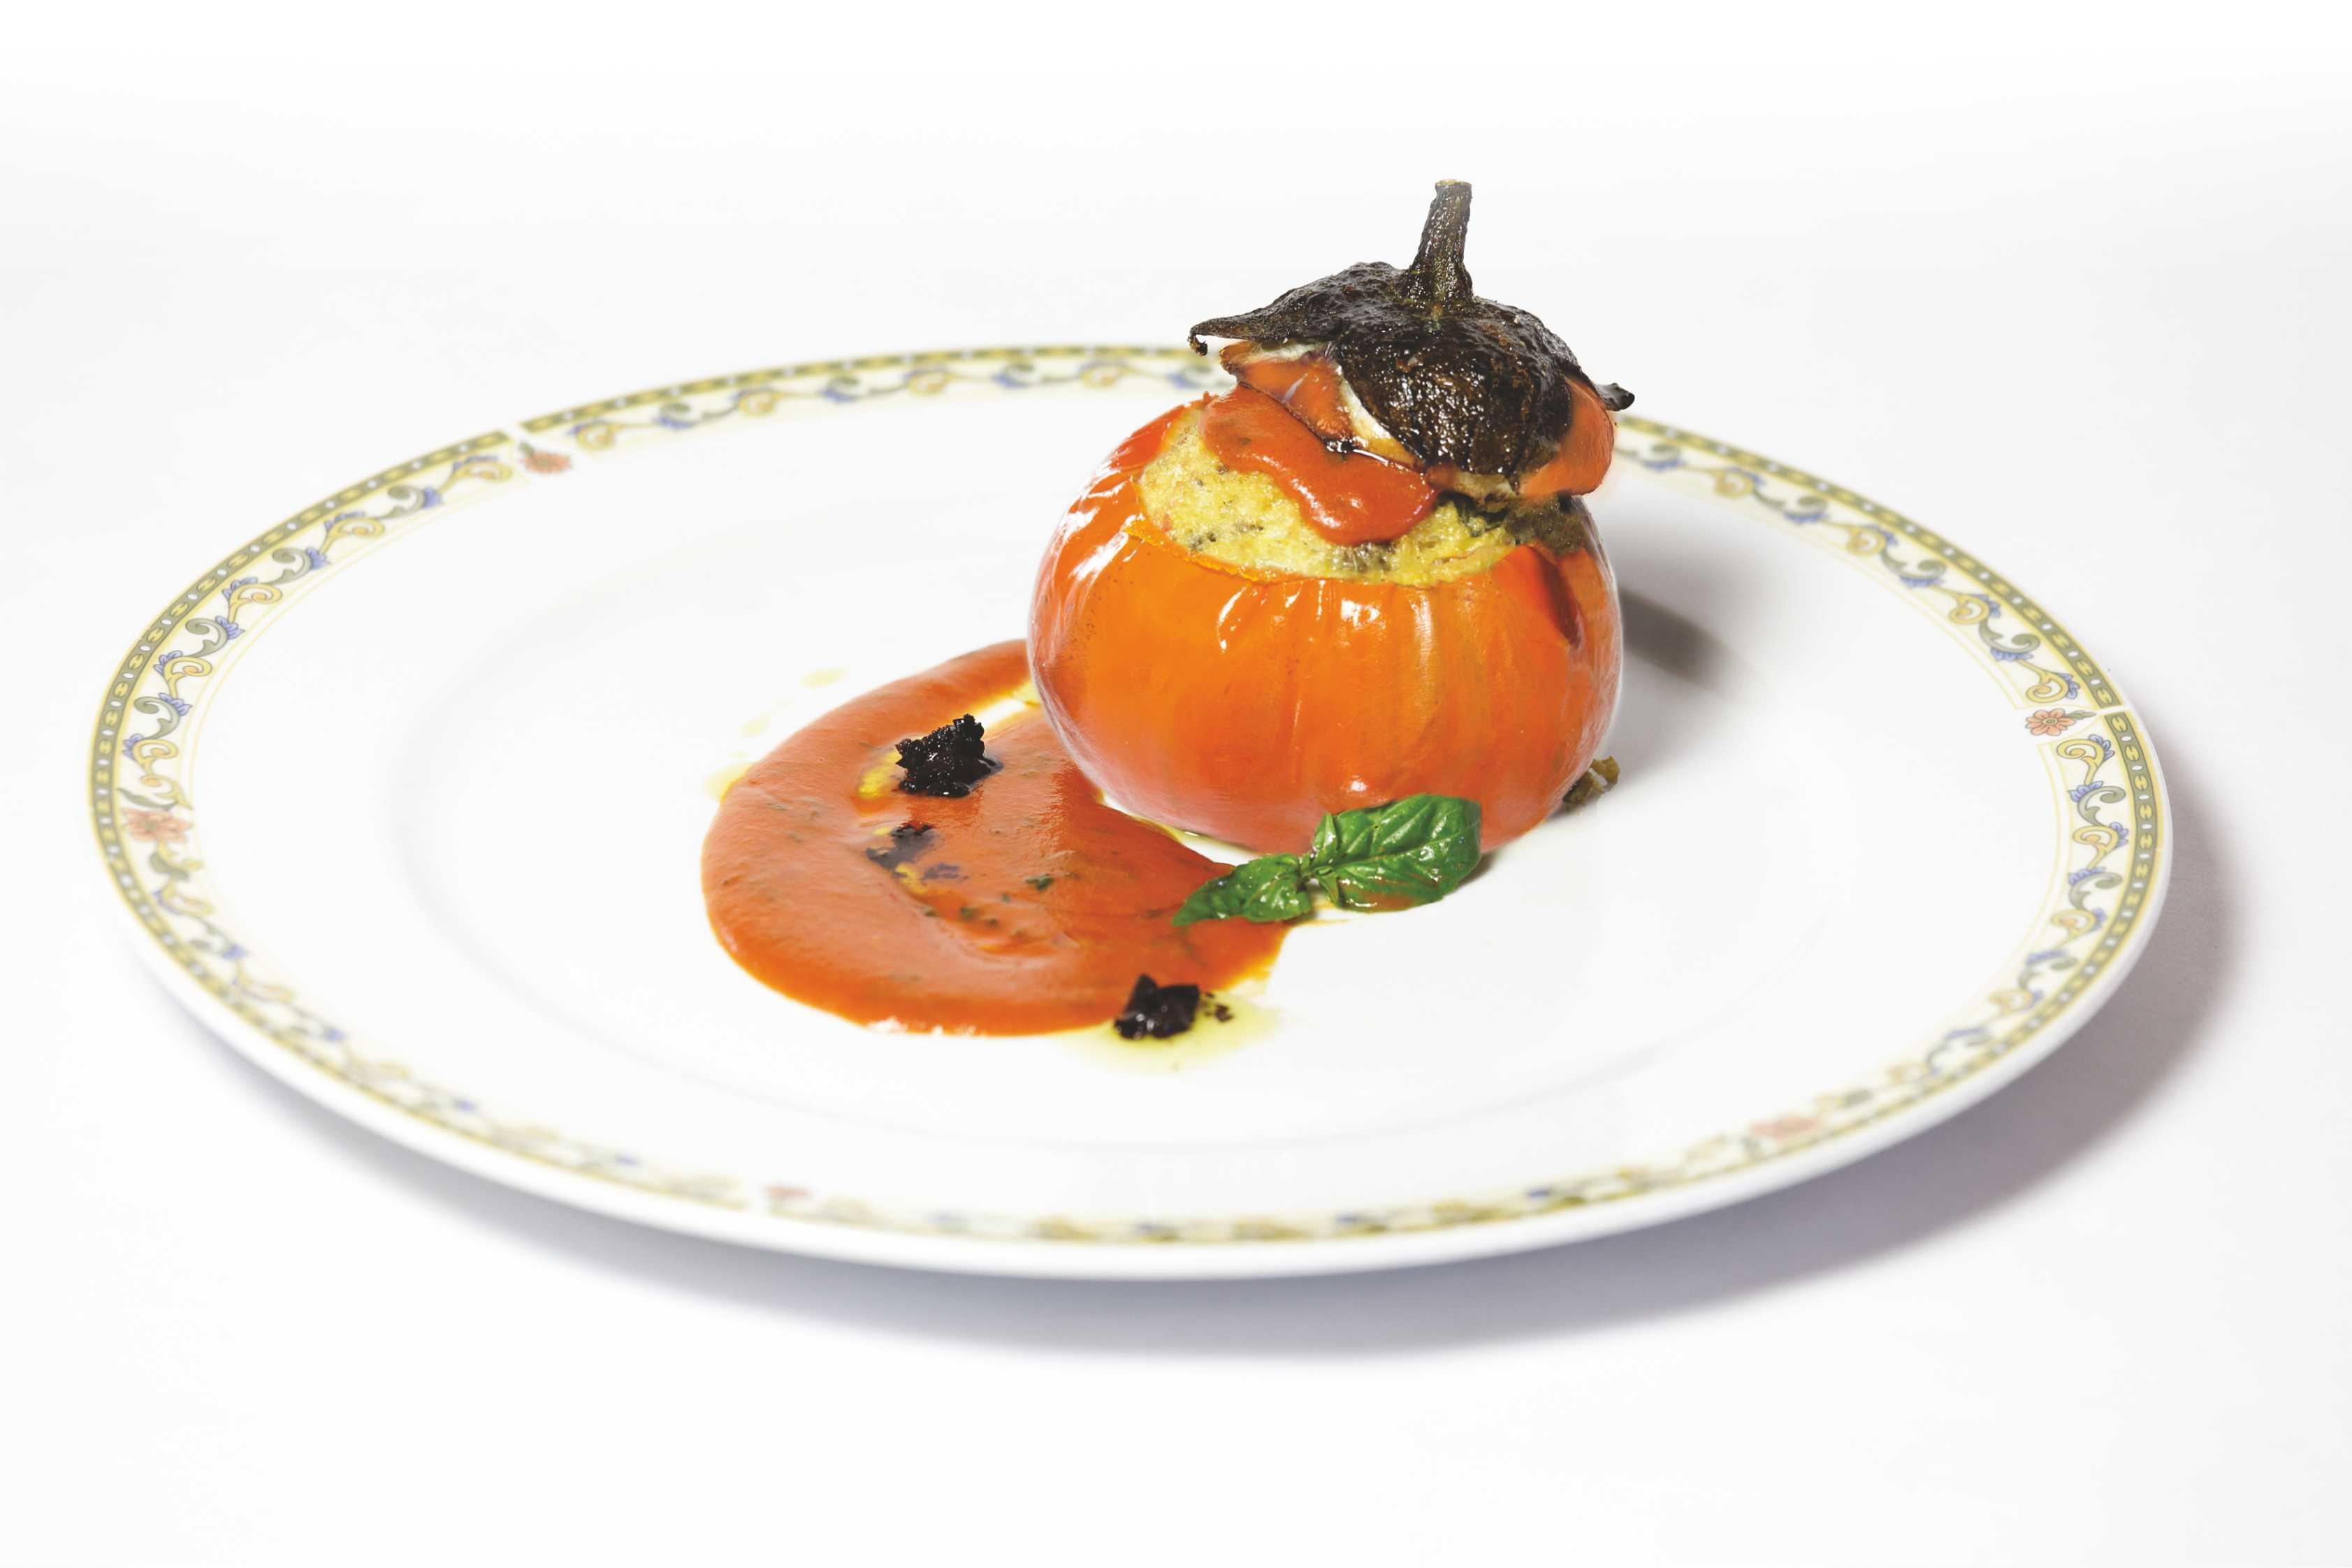 Torretta di melanzana  rossa di Rotonda DOP al profumo di fagioli bianchi di Rotonda DOP su crema di pomodoro